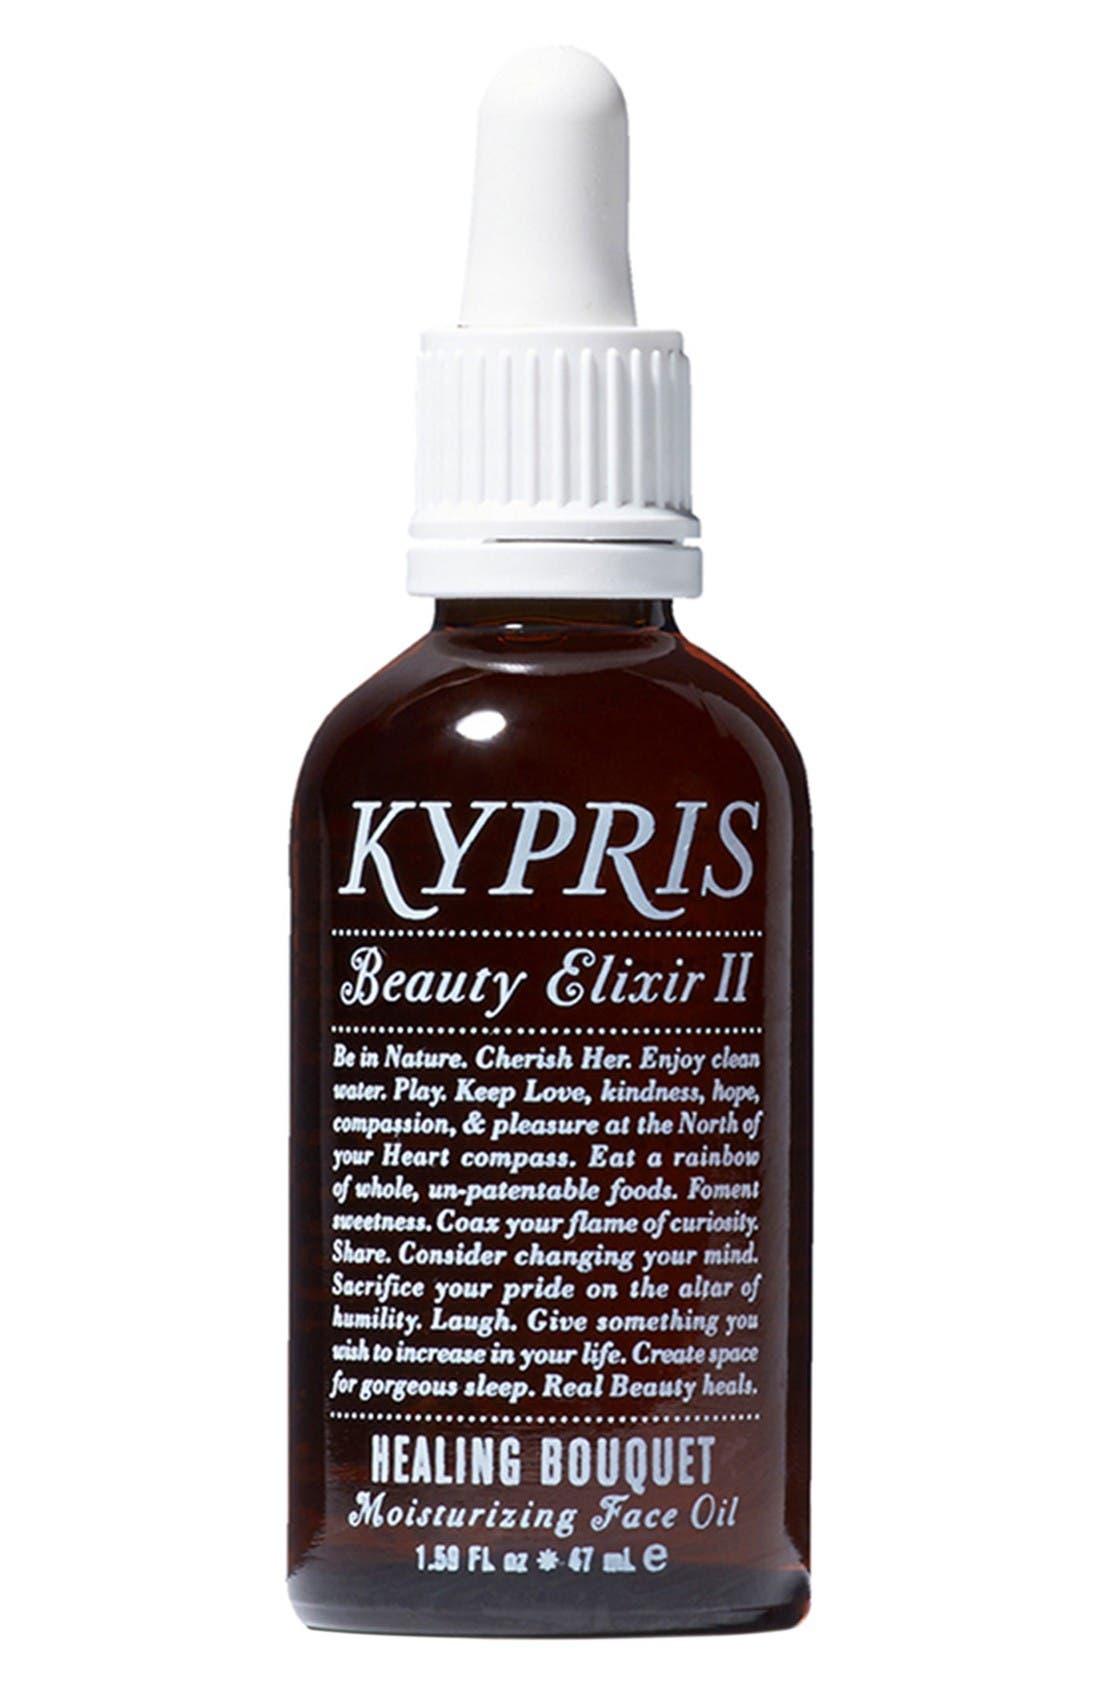 KYPRIS BEAUTY Beauty Elixir II: Healing Bouquet